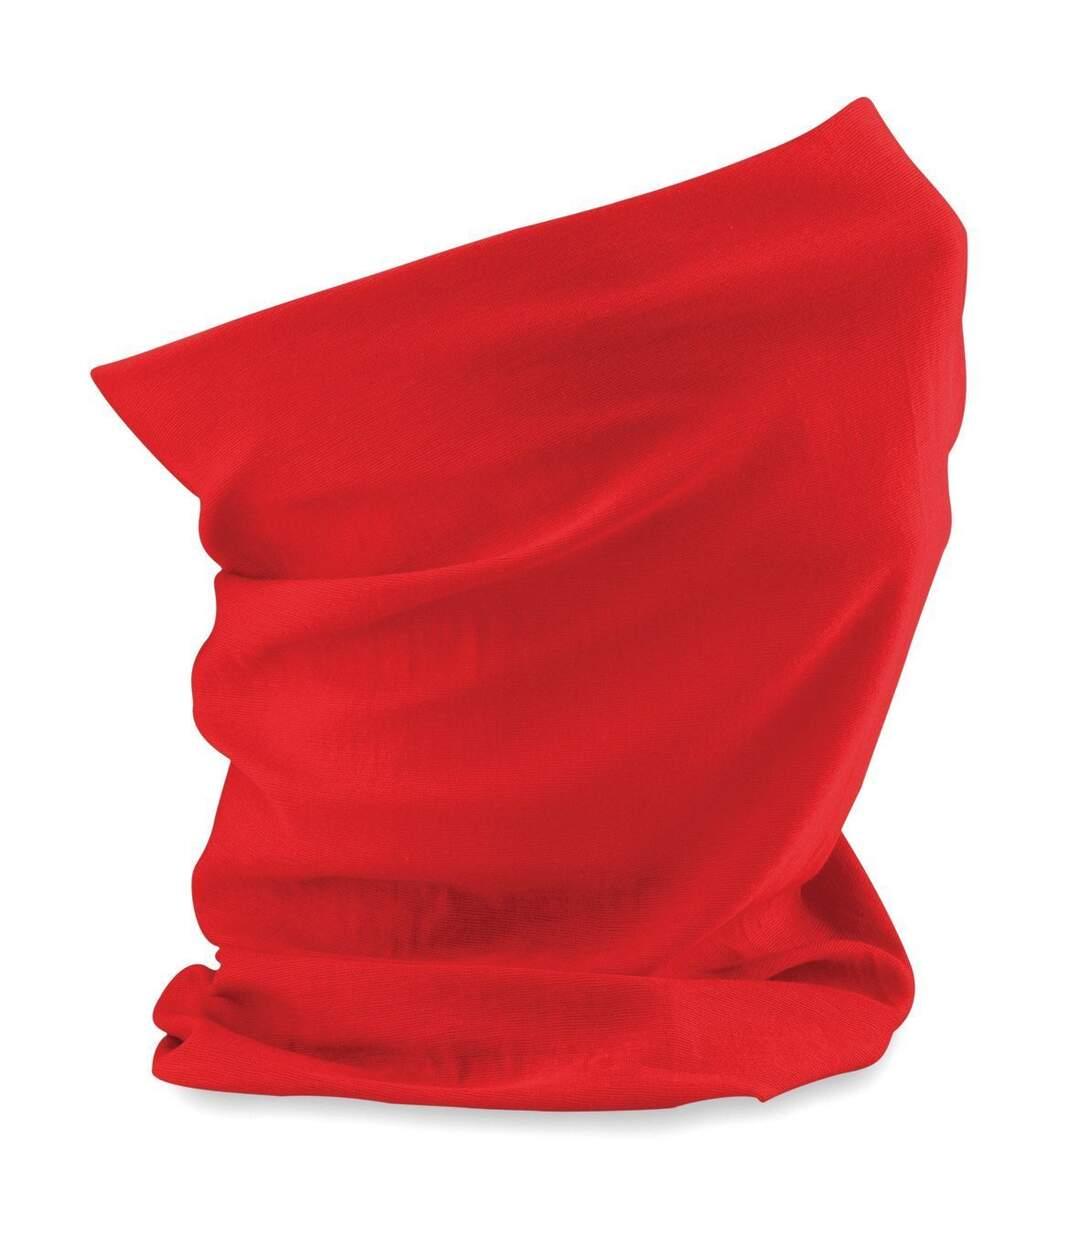 Echarpe tubulaire - tour de cou adulte - B900 - rouge bright